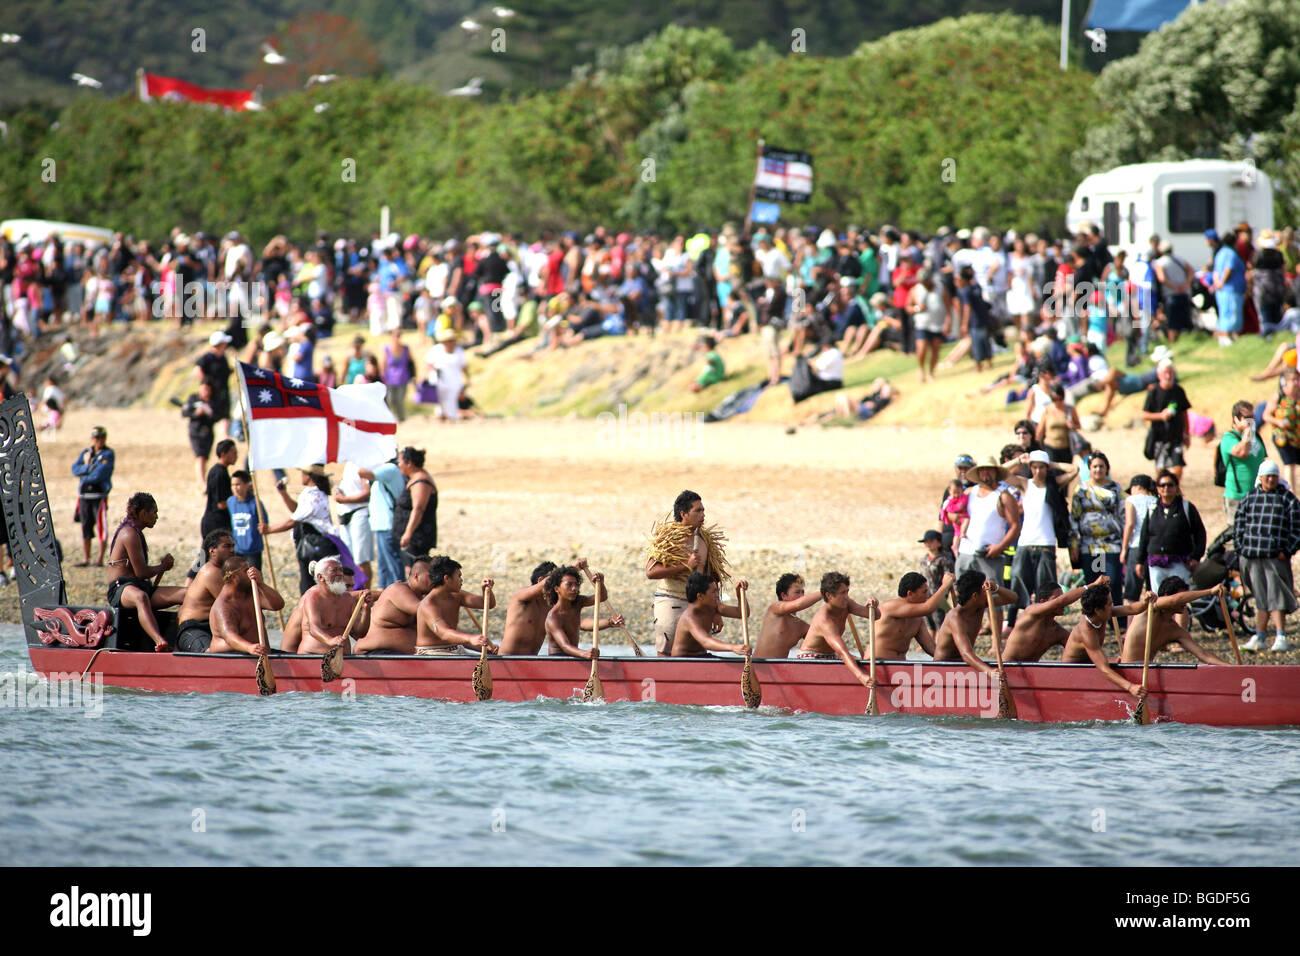 Un Waka tauá (canoa de guerra) en el río Waitangi durante las celebraciones del Día de Waitangi. Imagen De Stock